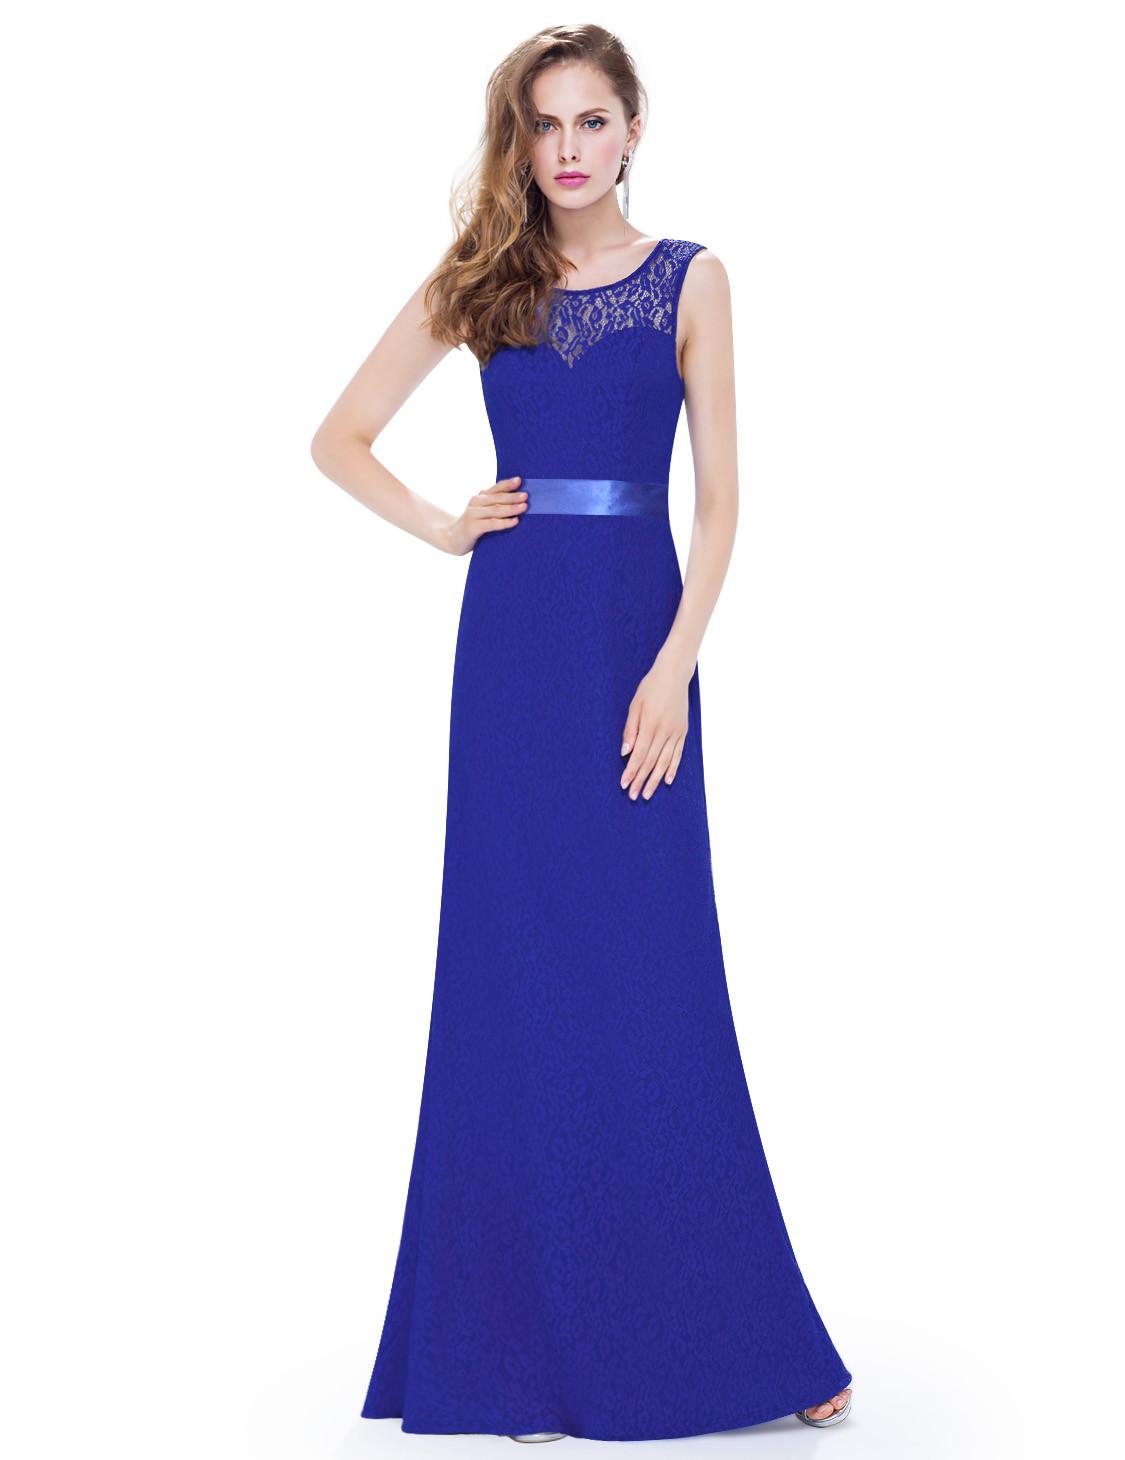 Long Royal Blue Sleeveless Lace Bridesmaid Dress